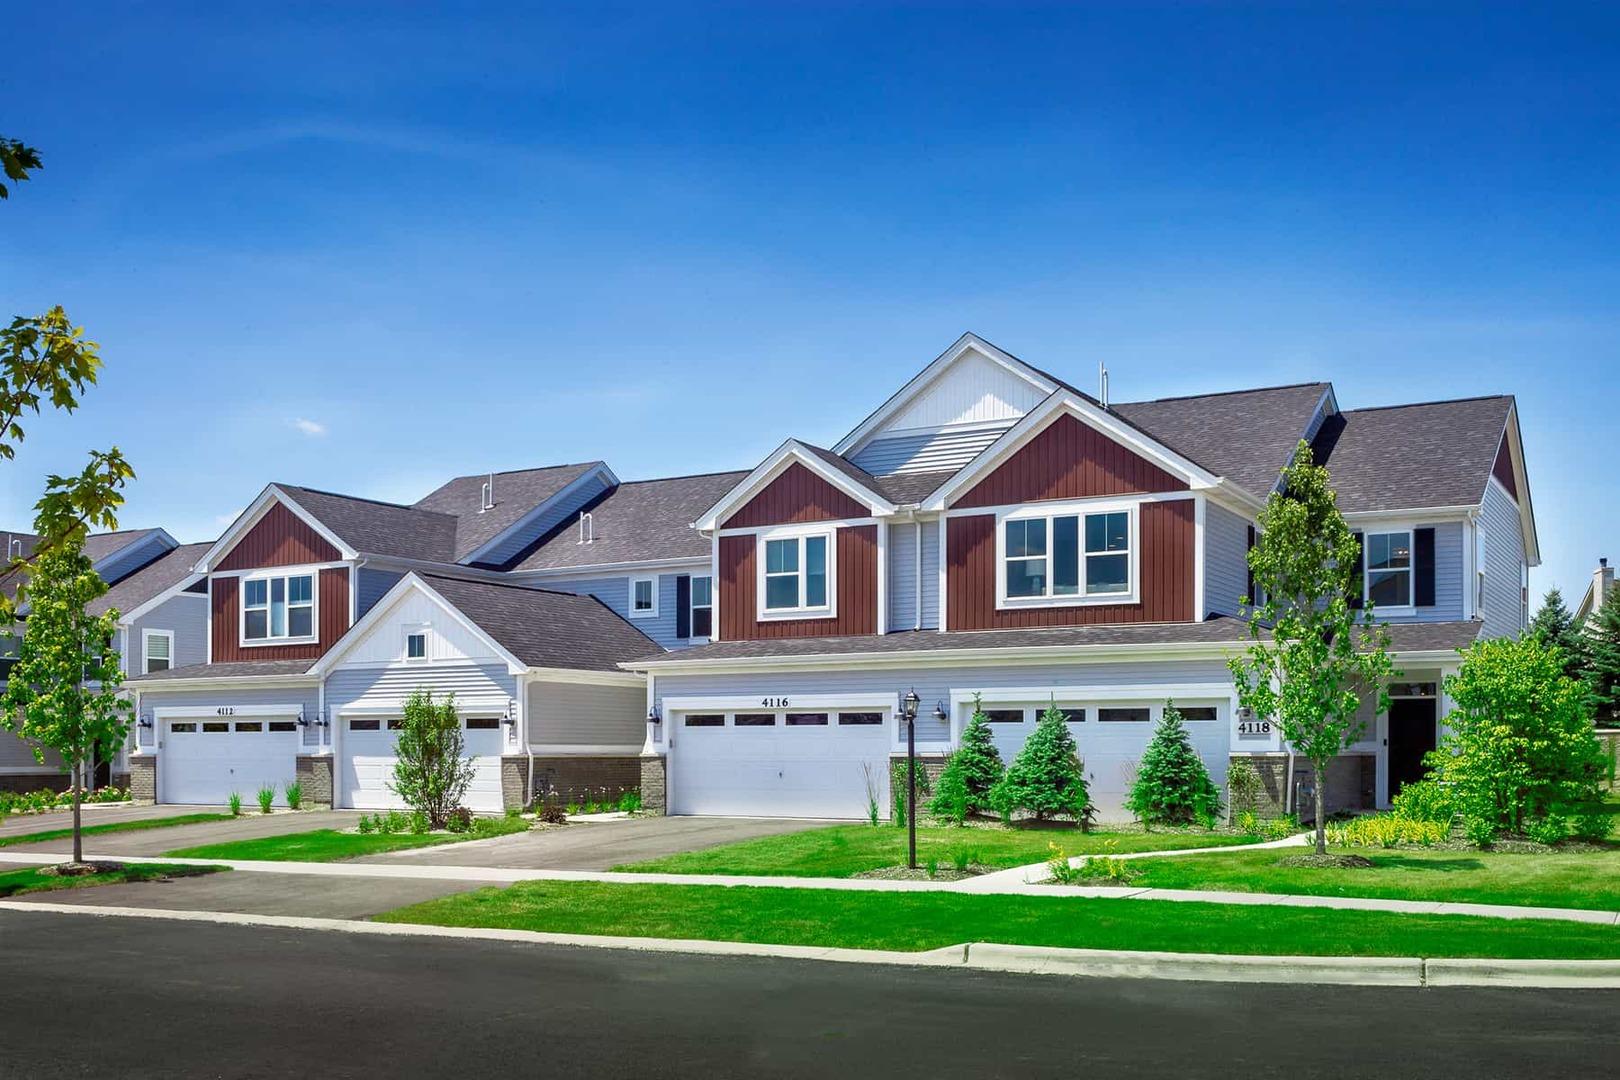 4195  Irving Lot #24.01,  Aurora, Illinois